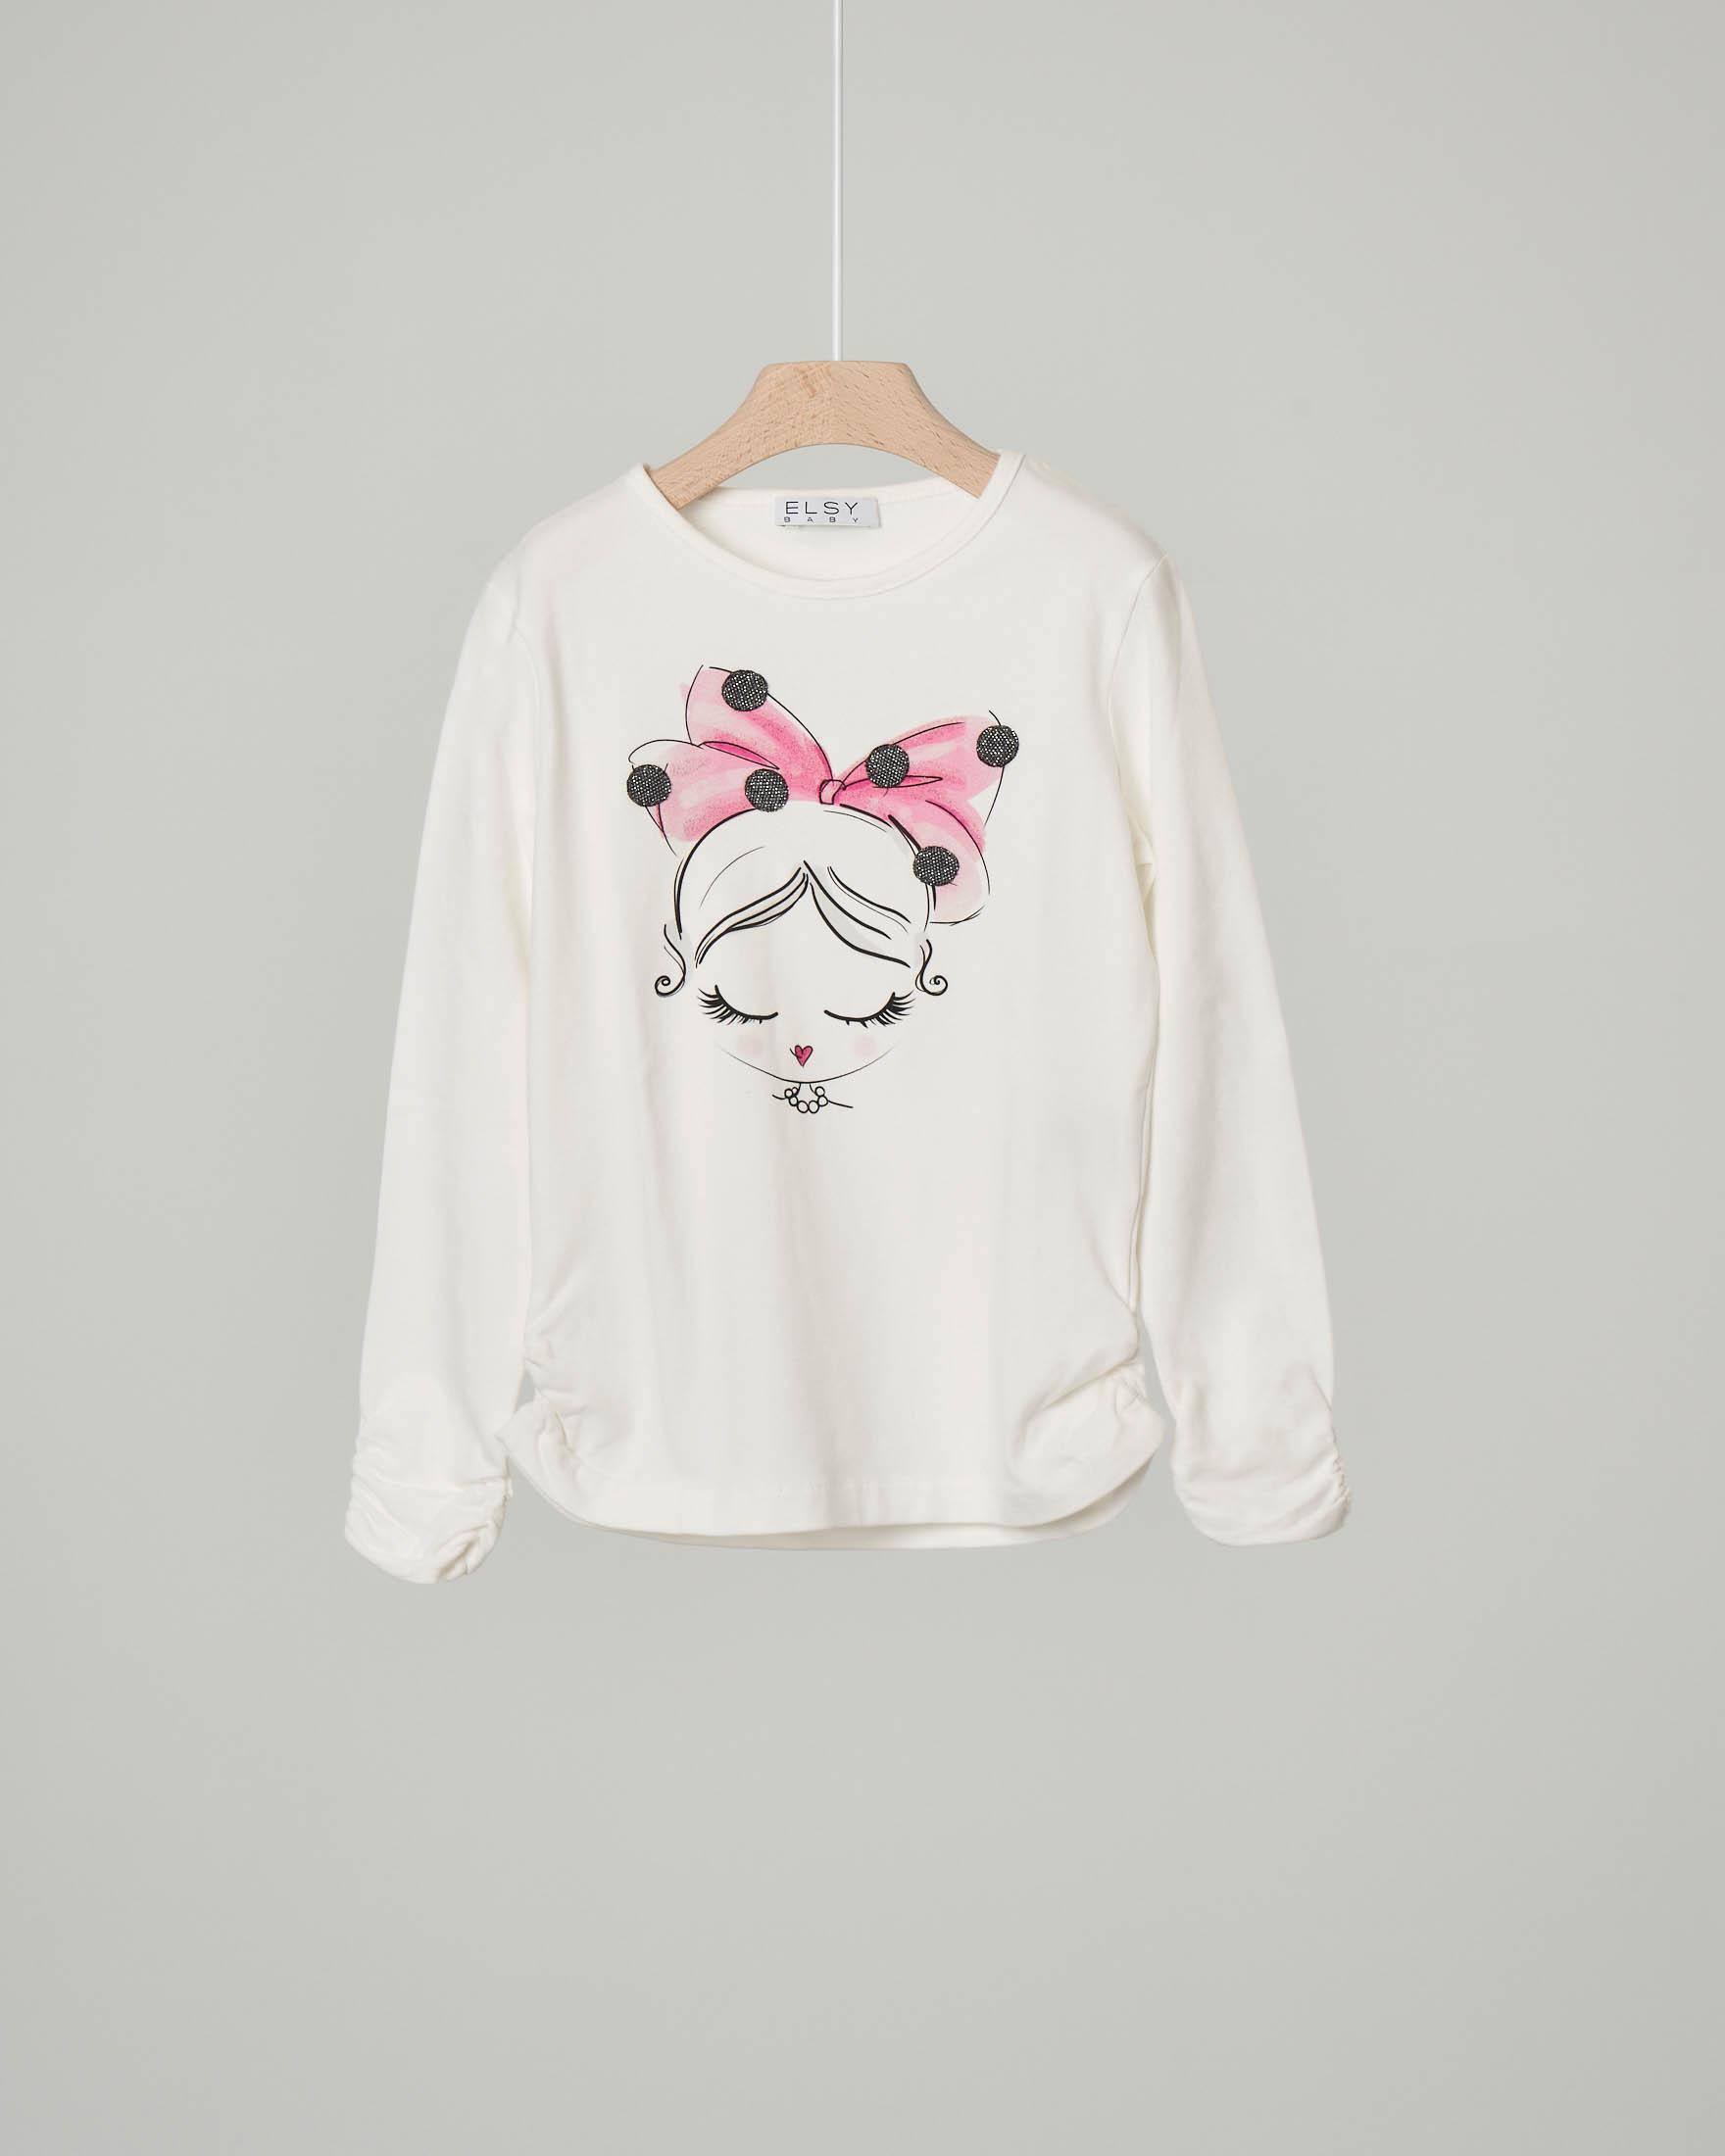 T-shirt bianca manica lunga con stampa bimba con fiocco rosa 3-7 anni